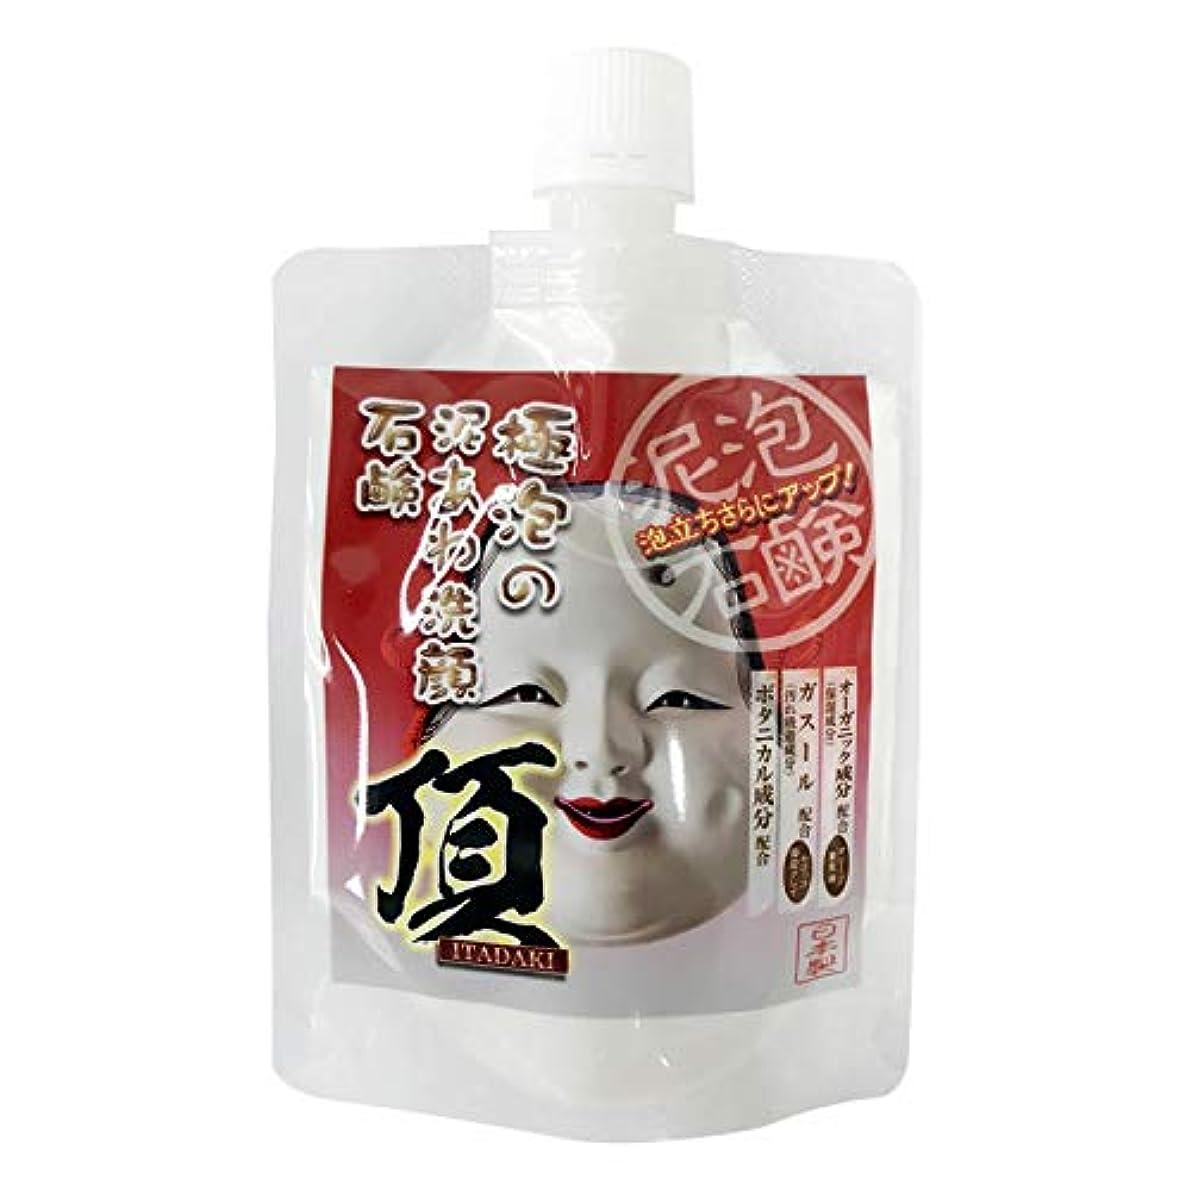 豆手書き顎極泡の泥あわ洗顔石鹸 頂 130g ガスール 豆乳 ボタニカル 酒粕 エキス配合